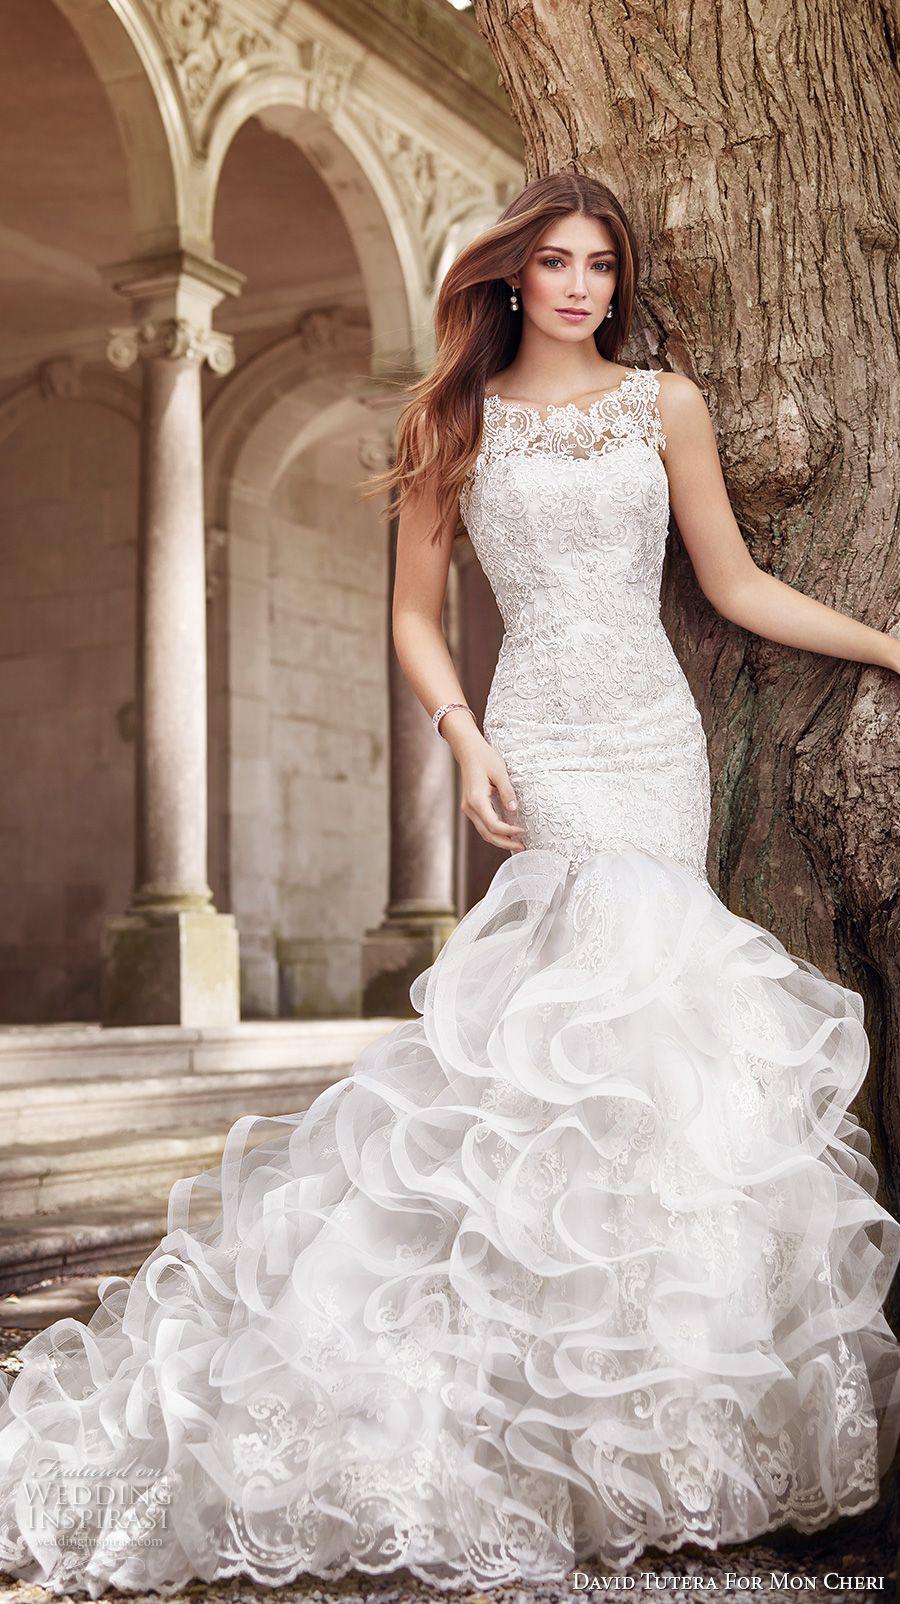 David tutera for mon cheri spring wedding dresses david